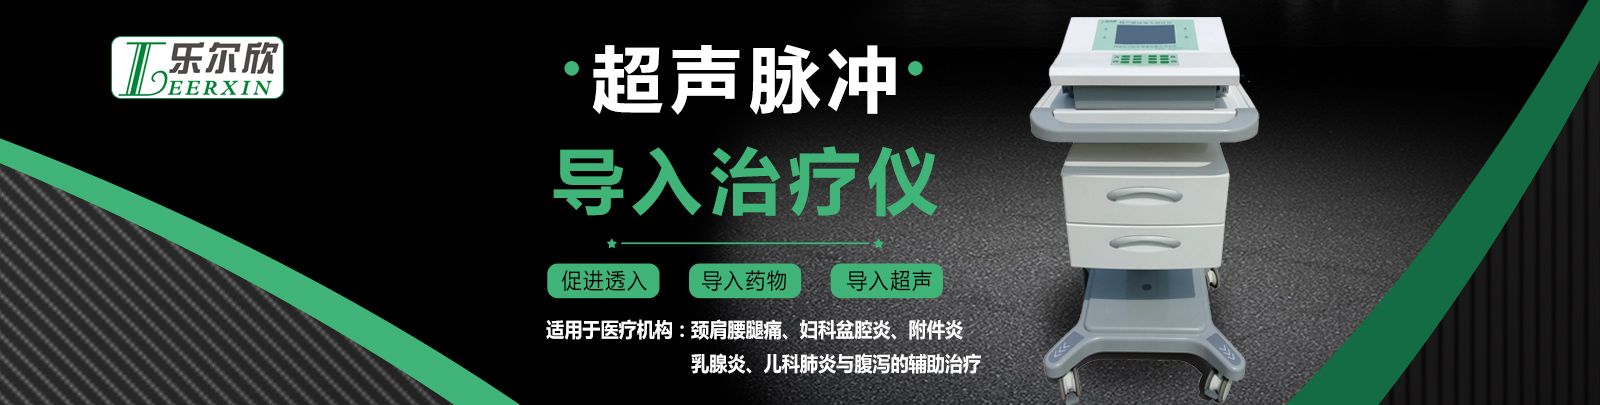 ManBetX网页manbetx官网登录手机